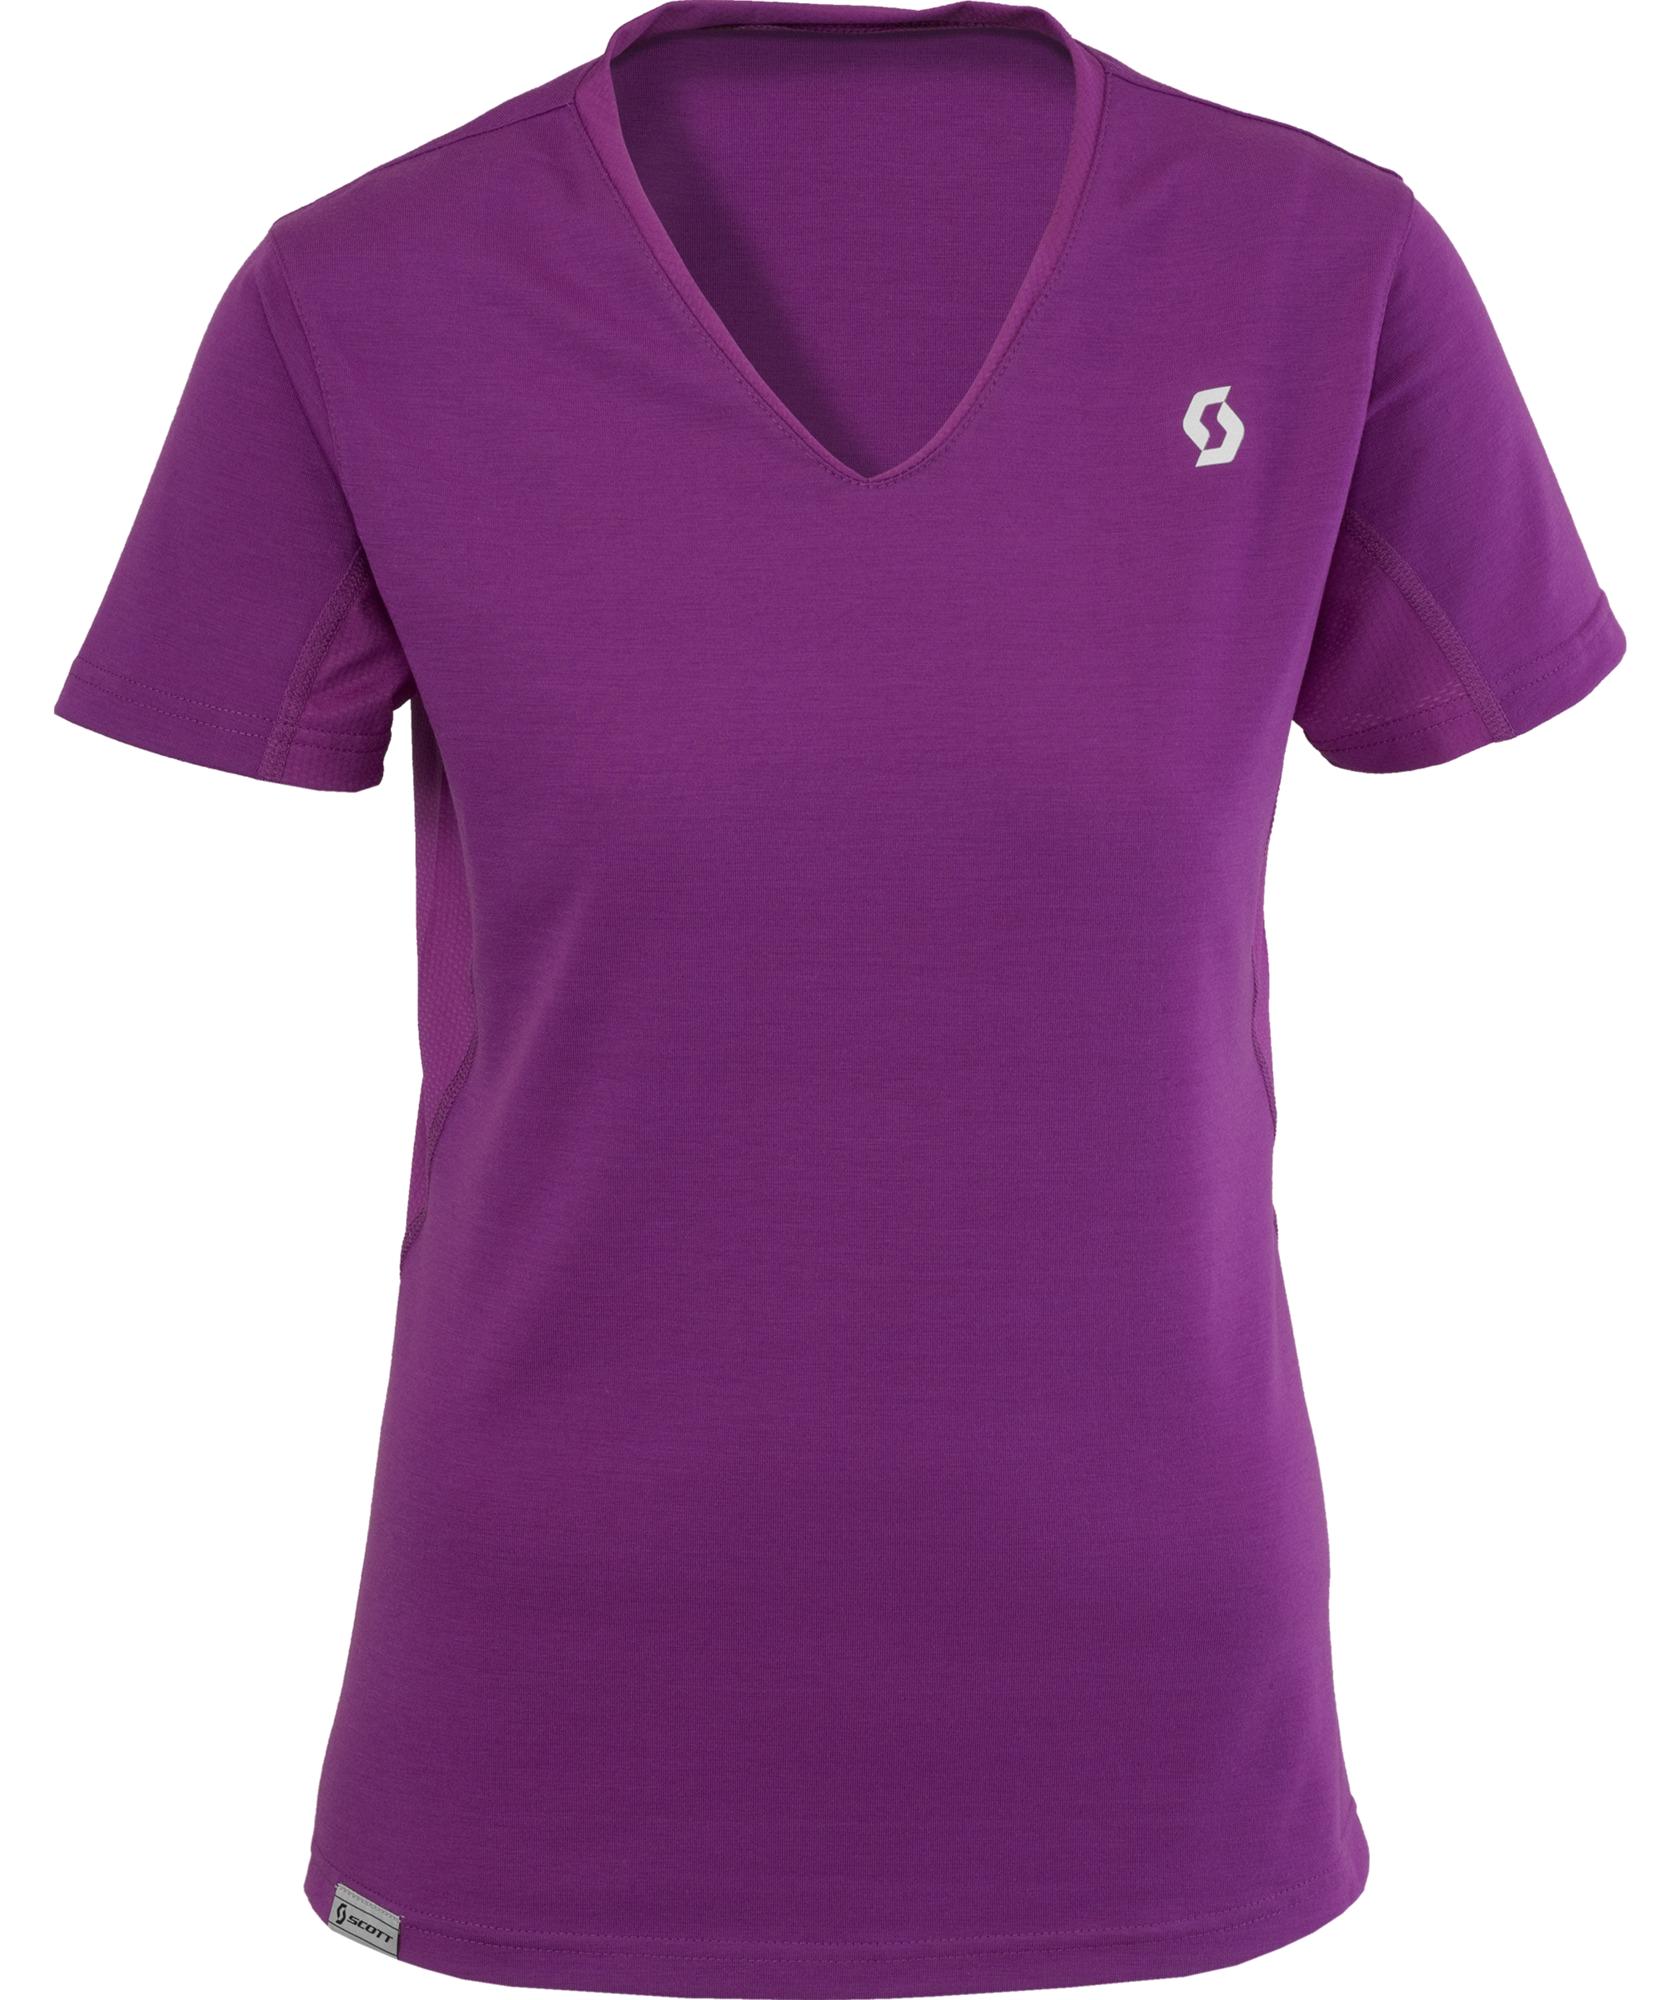 Purple polo shirt png. Cotton clipart transparent background